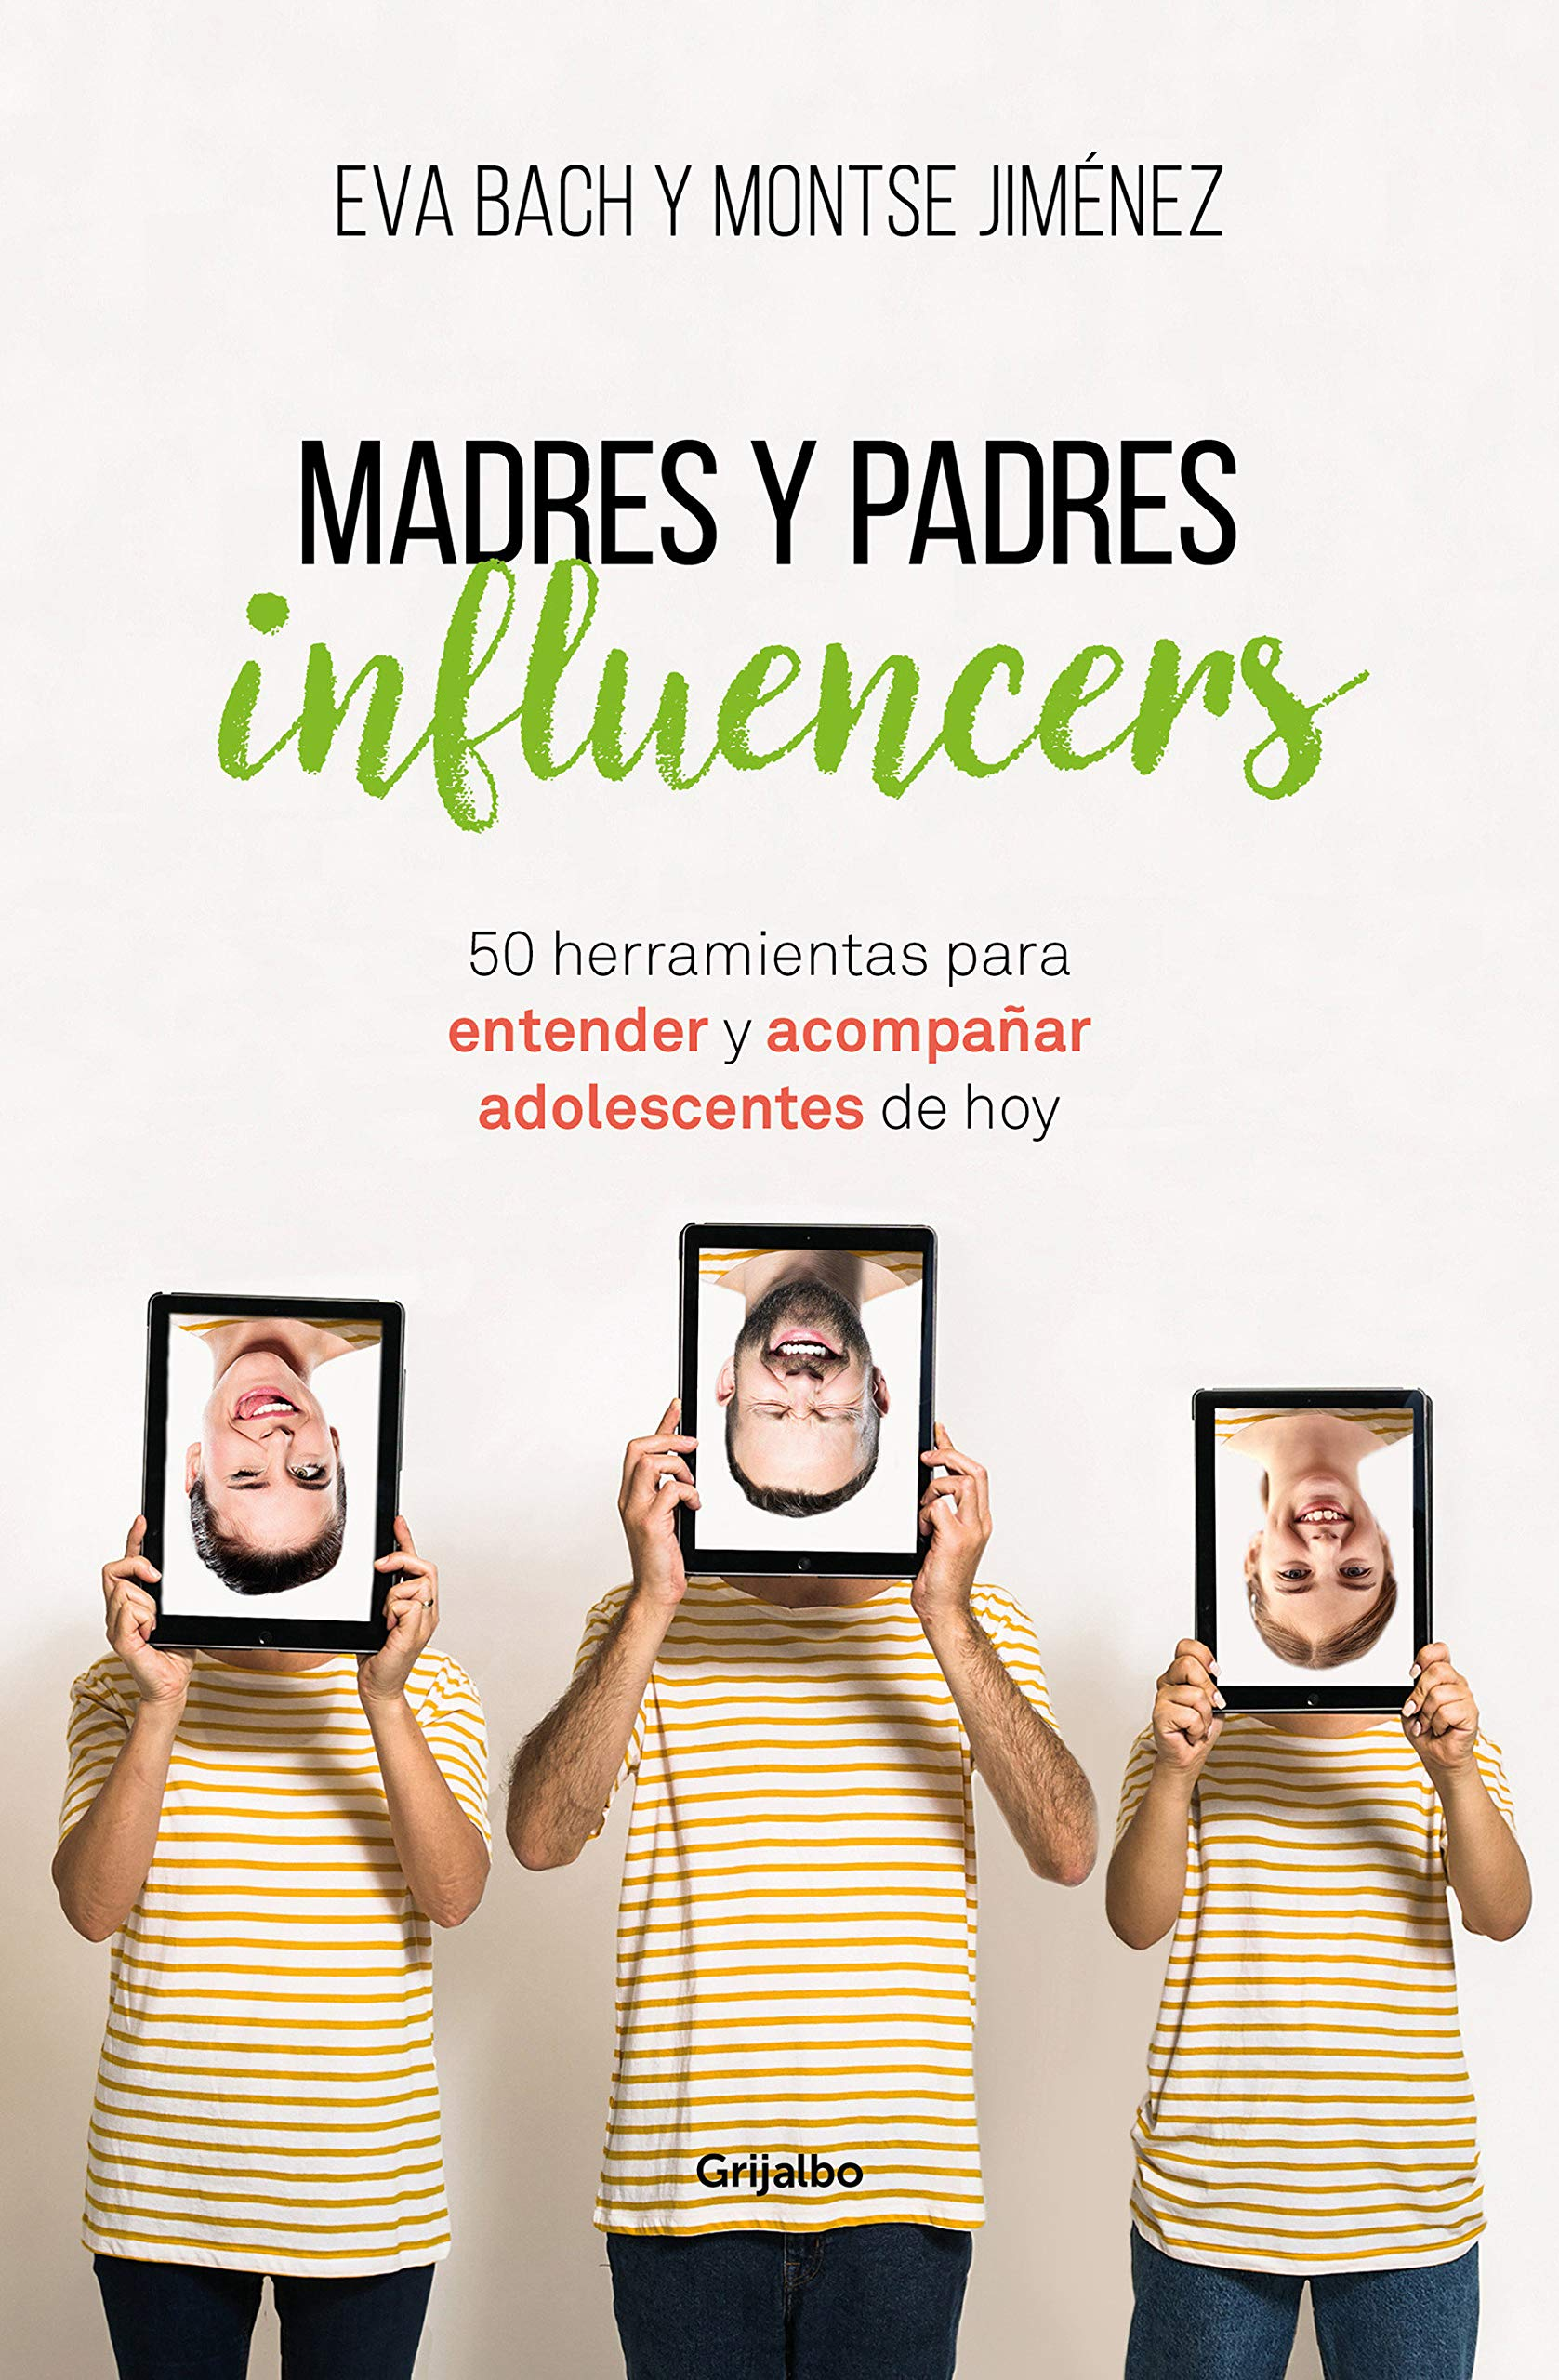 Madres Y Padres Influencers 50 Herramientas Para Entender Y Acompañar A Adolescentes De Hoy Divulgación Amazon Es Bach Eva Jiménez Montse Libros